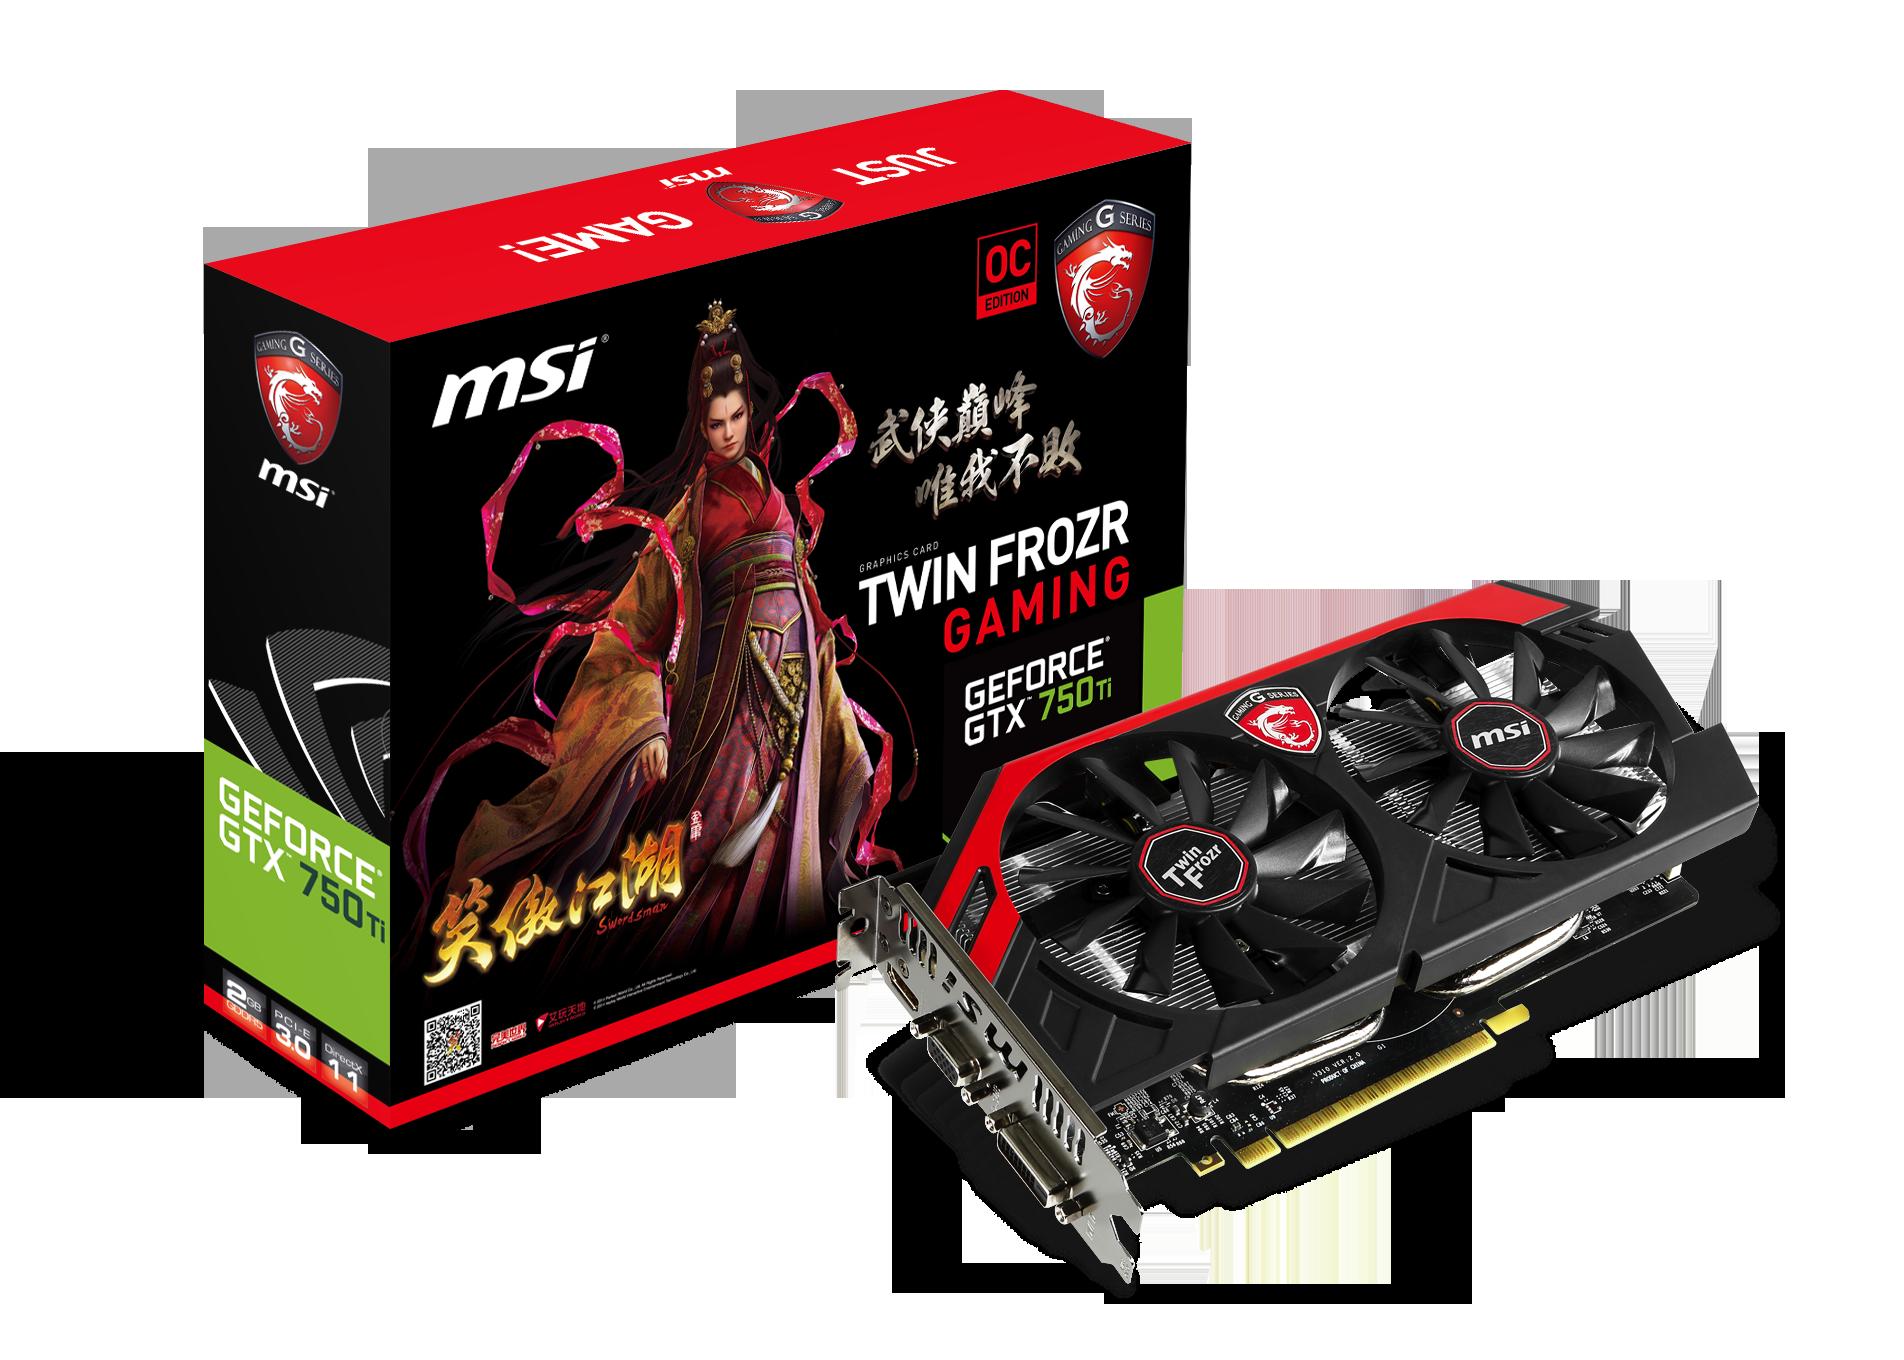 微星發布GTX 750Ti GAMING 及GTX 750 GAMING顯示卡 搭載最新NVIDIA Maxwell晶片,提供最佳遊戲環境